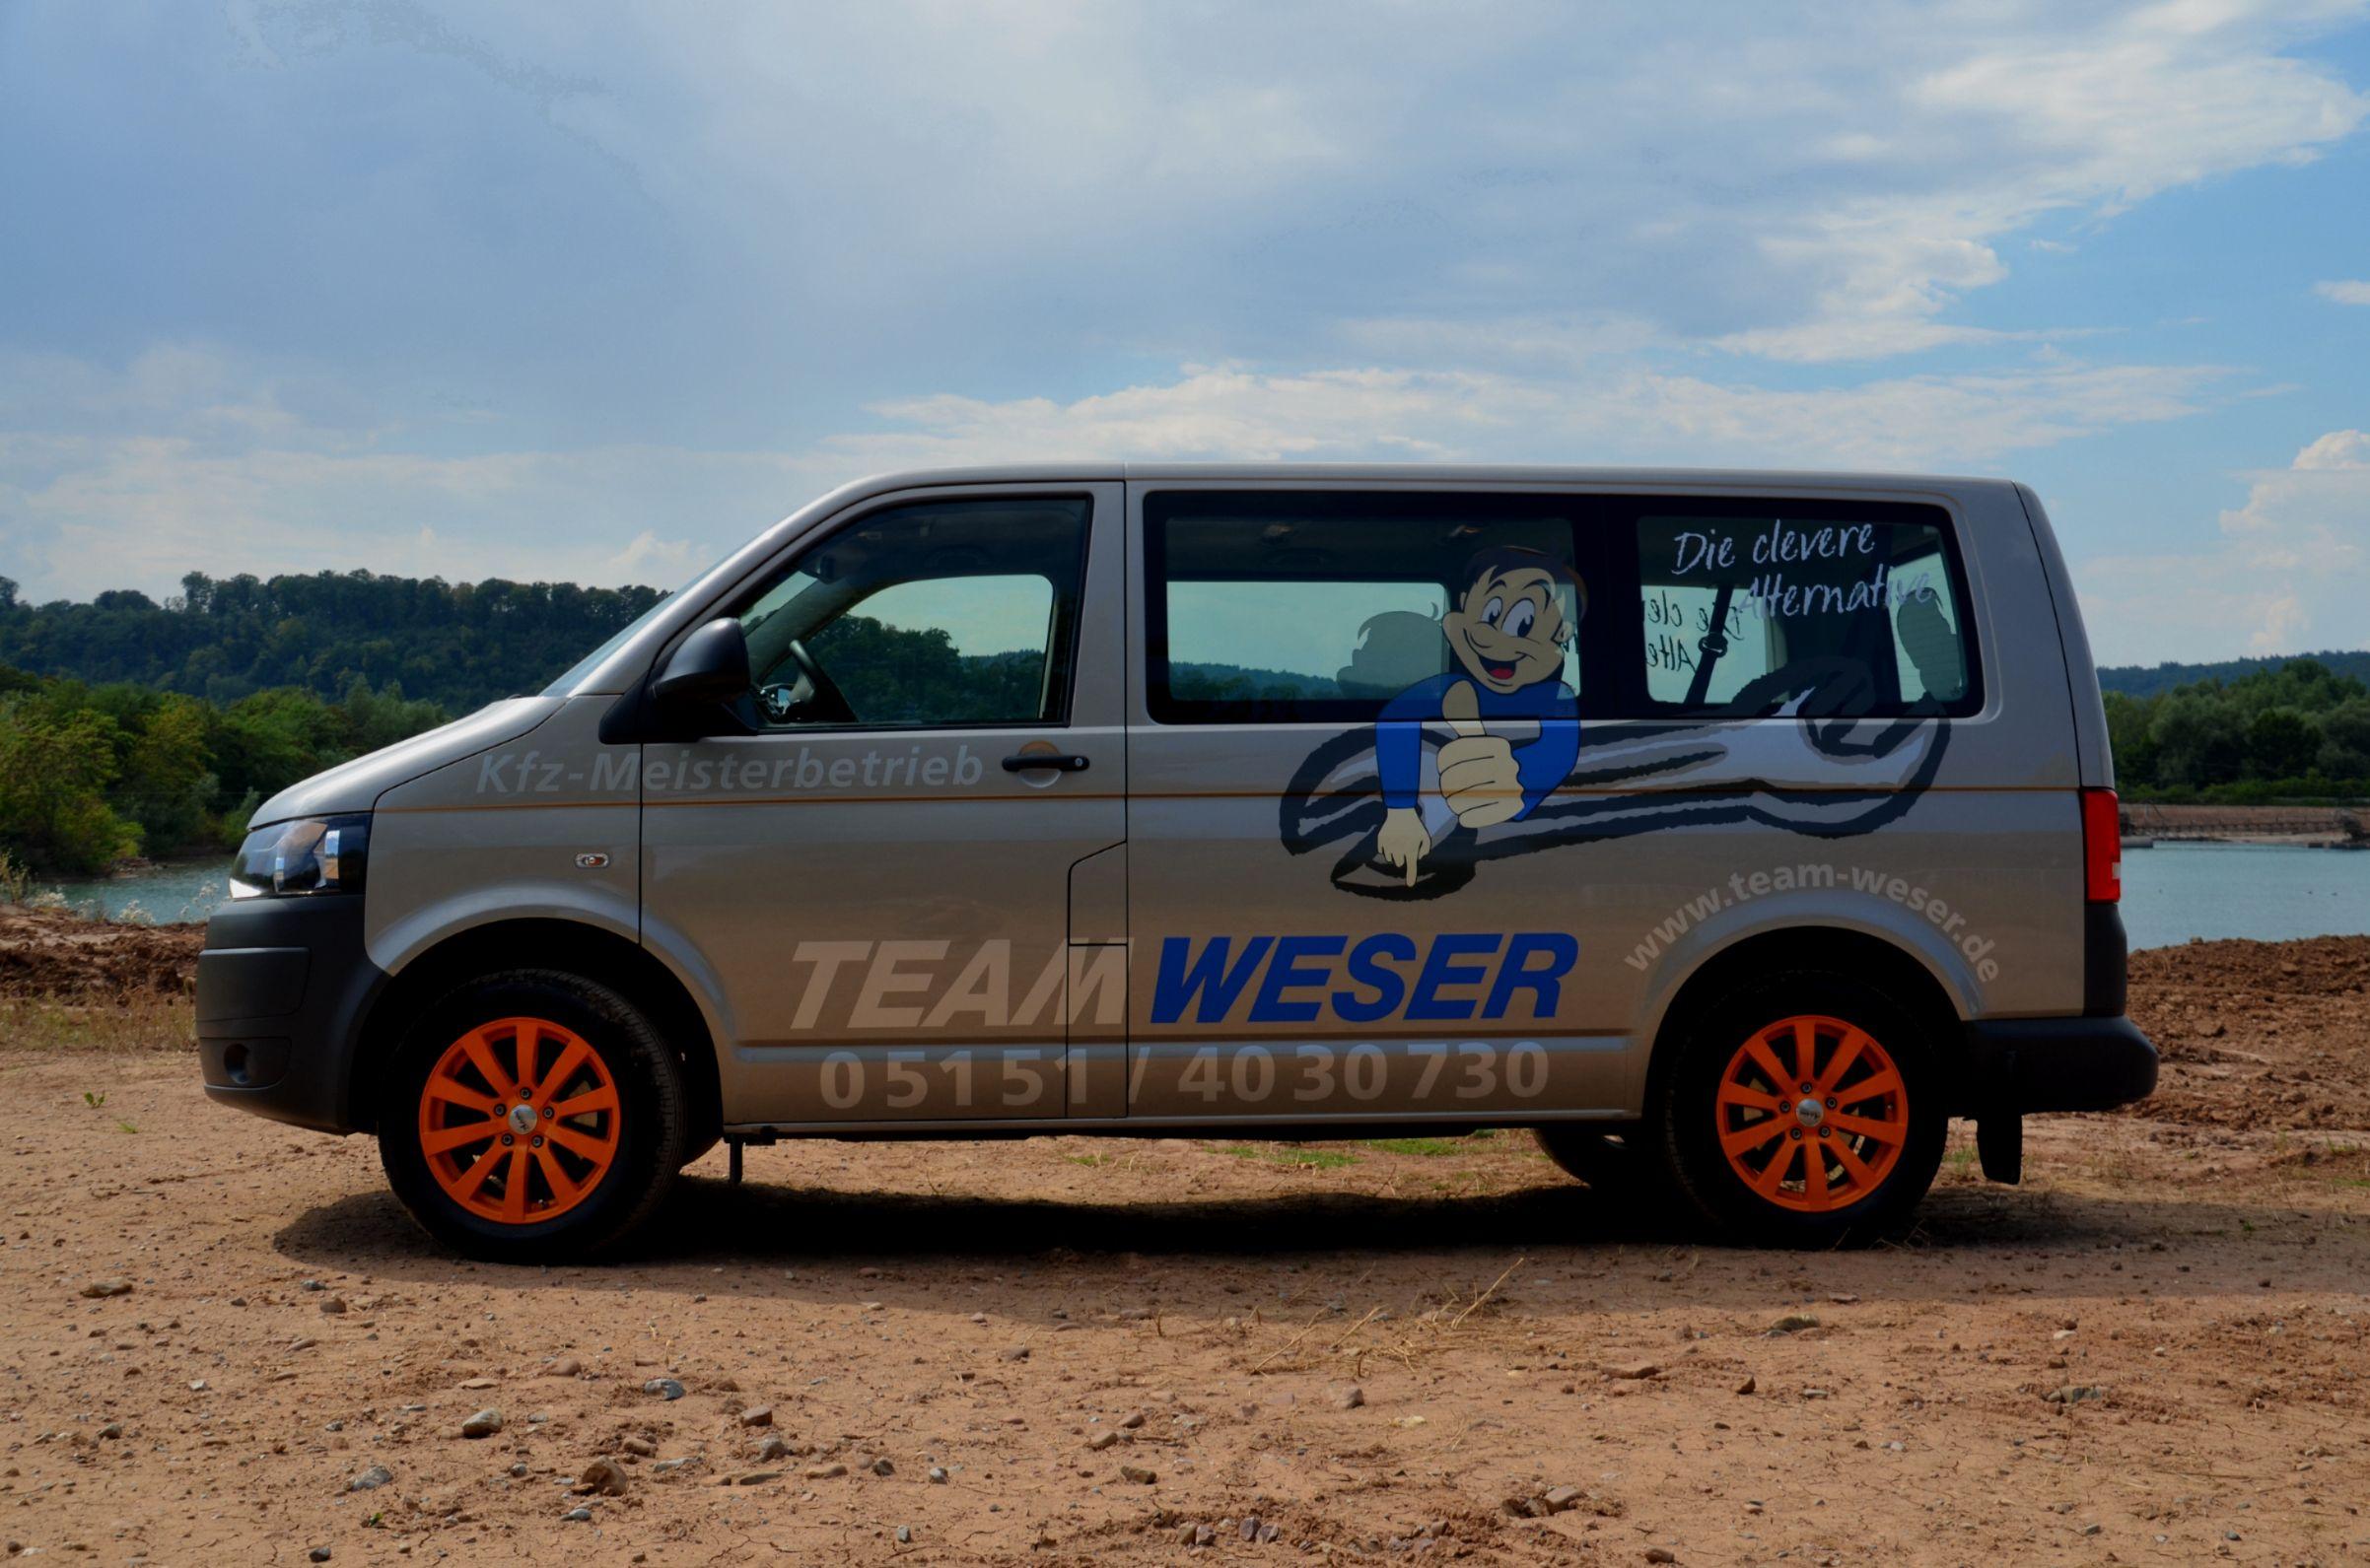 Team Weser Kfz-Meisterbetrieb